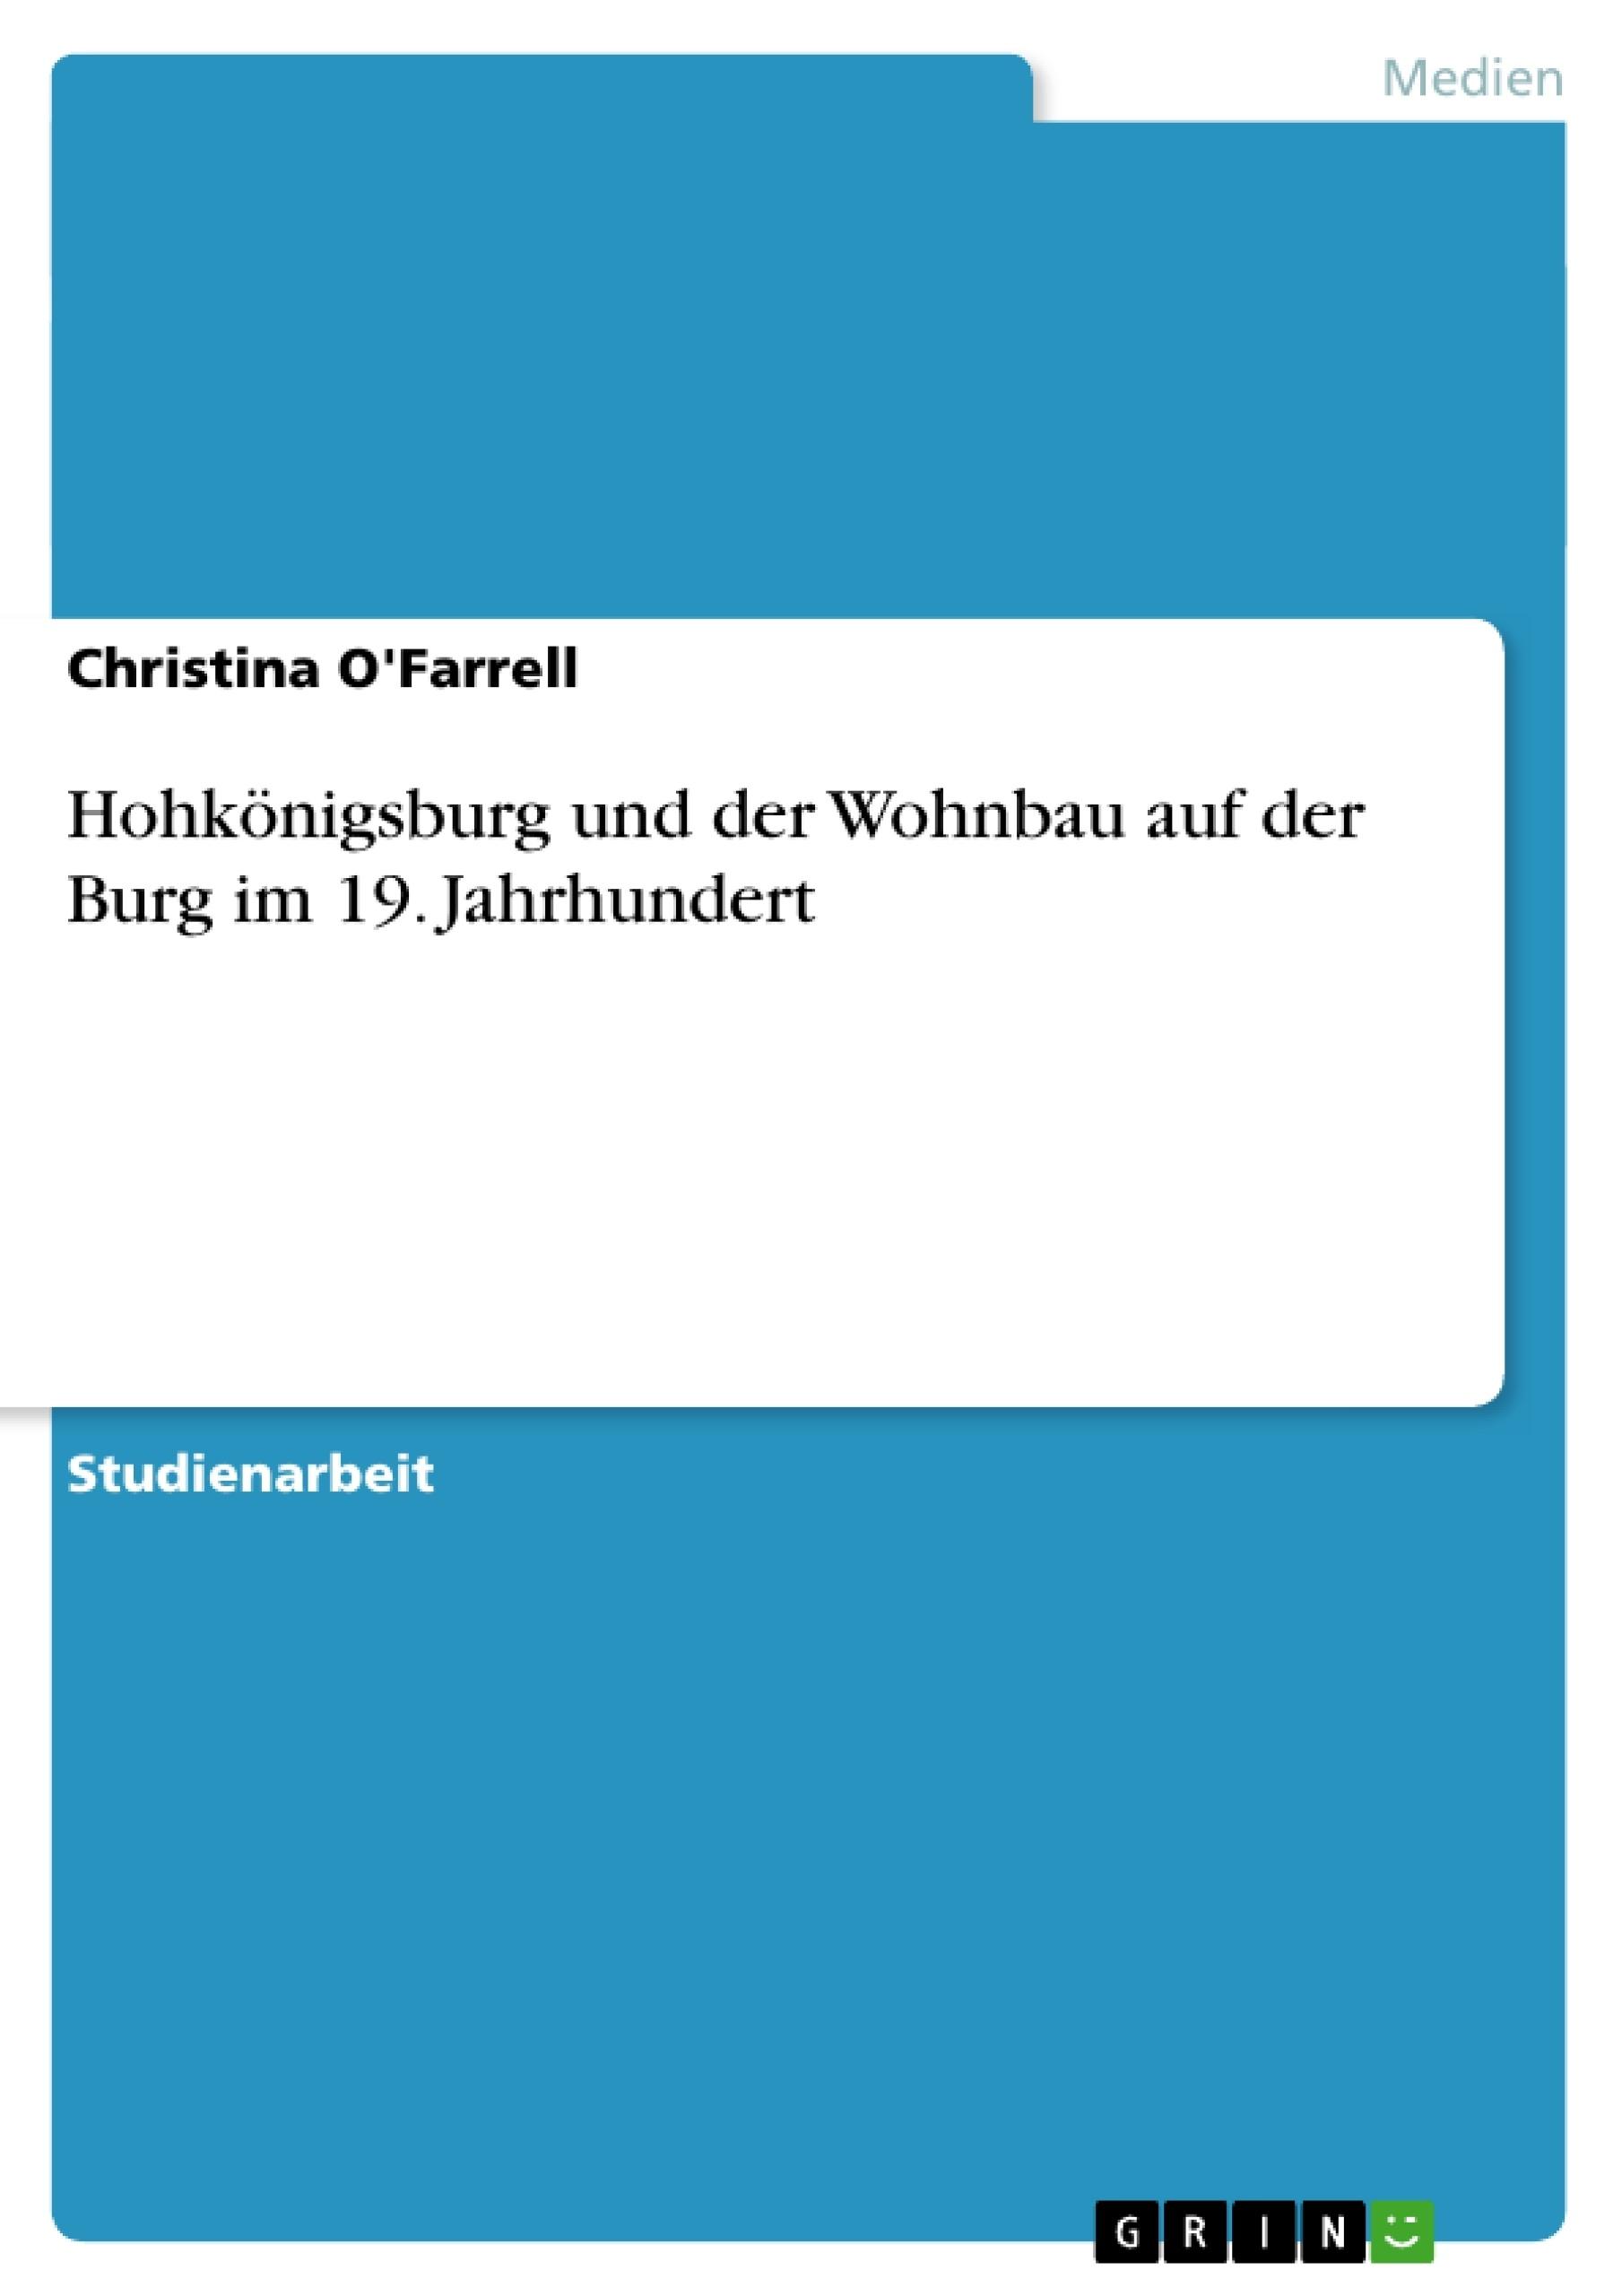 Titel: Hohkönigsburg und der Wohnbau auf der Burg im 19. Jahrhundert